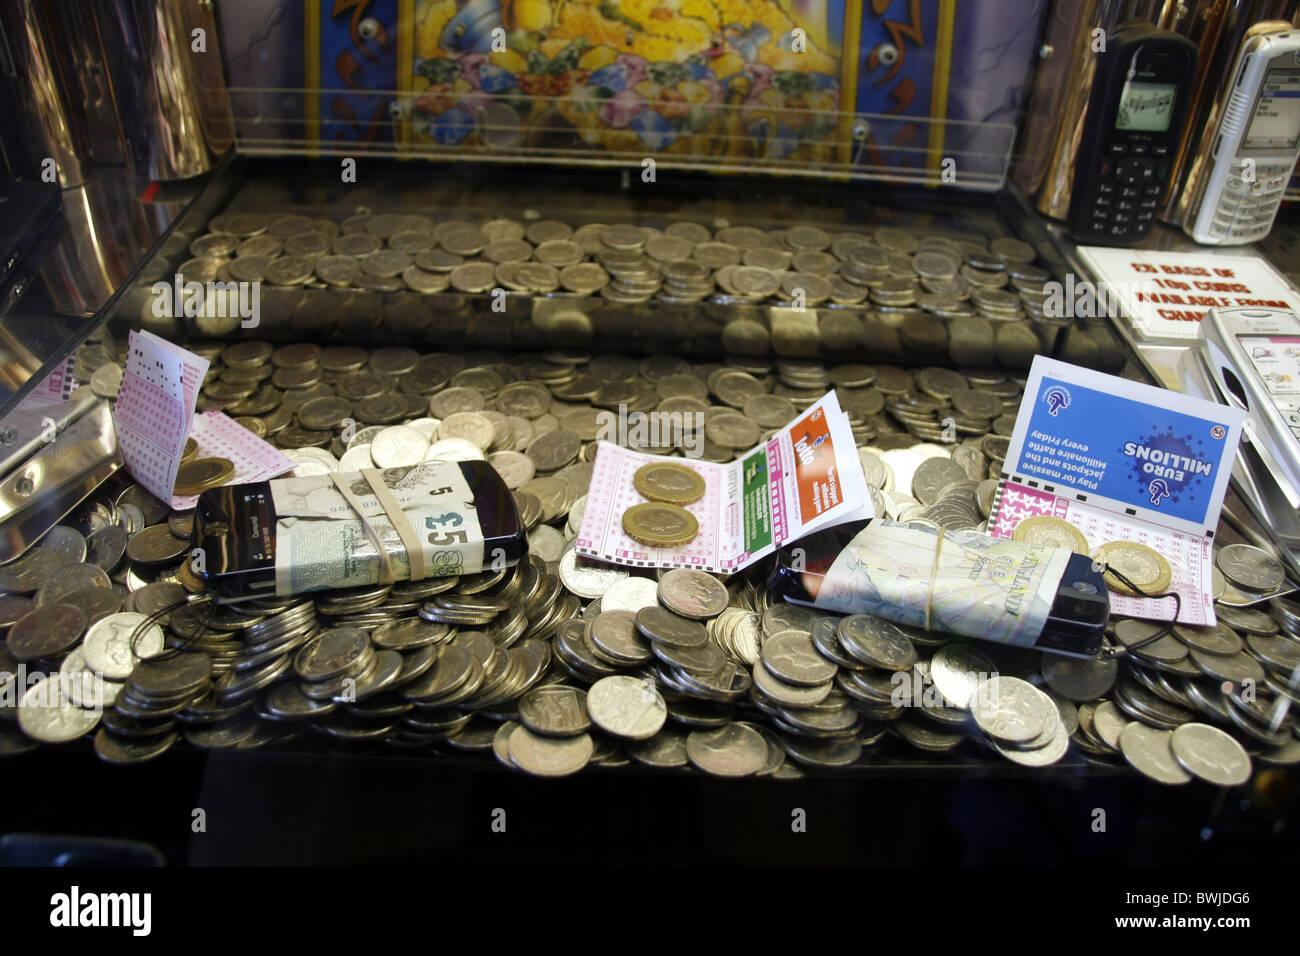 Gambling prizes block gambling sites free uk